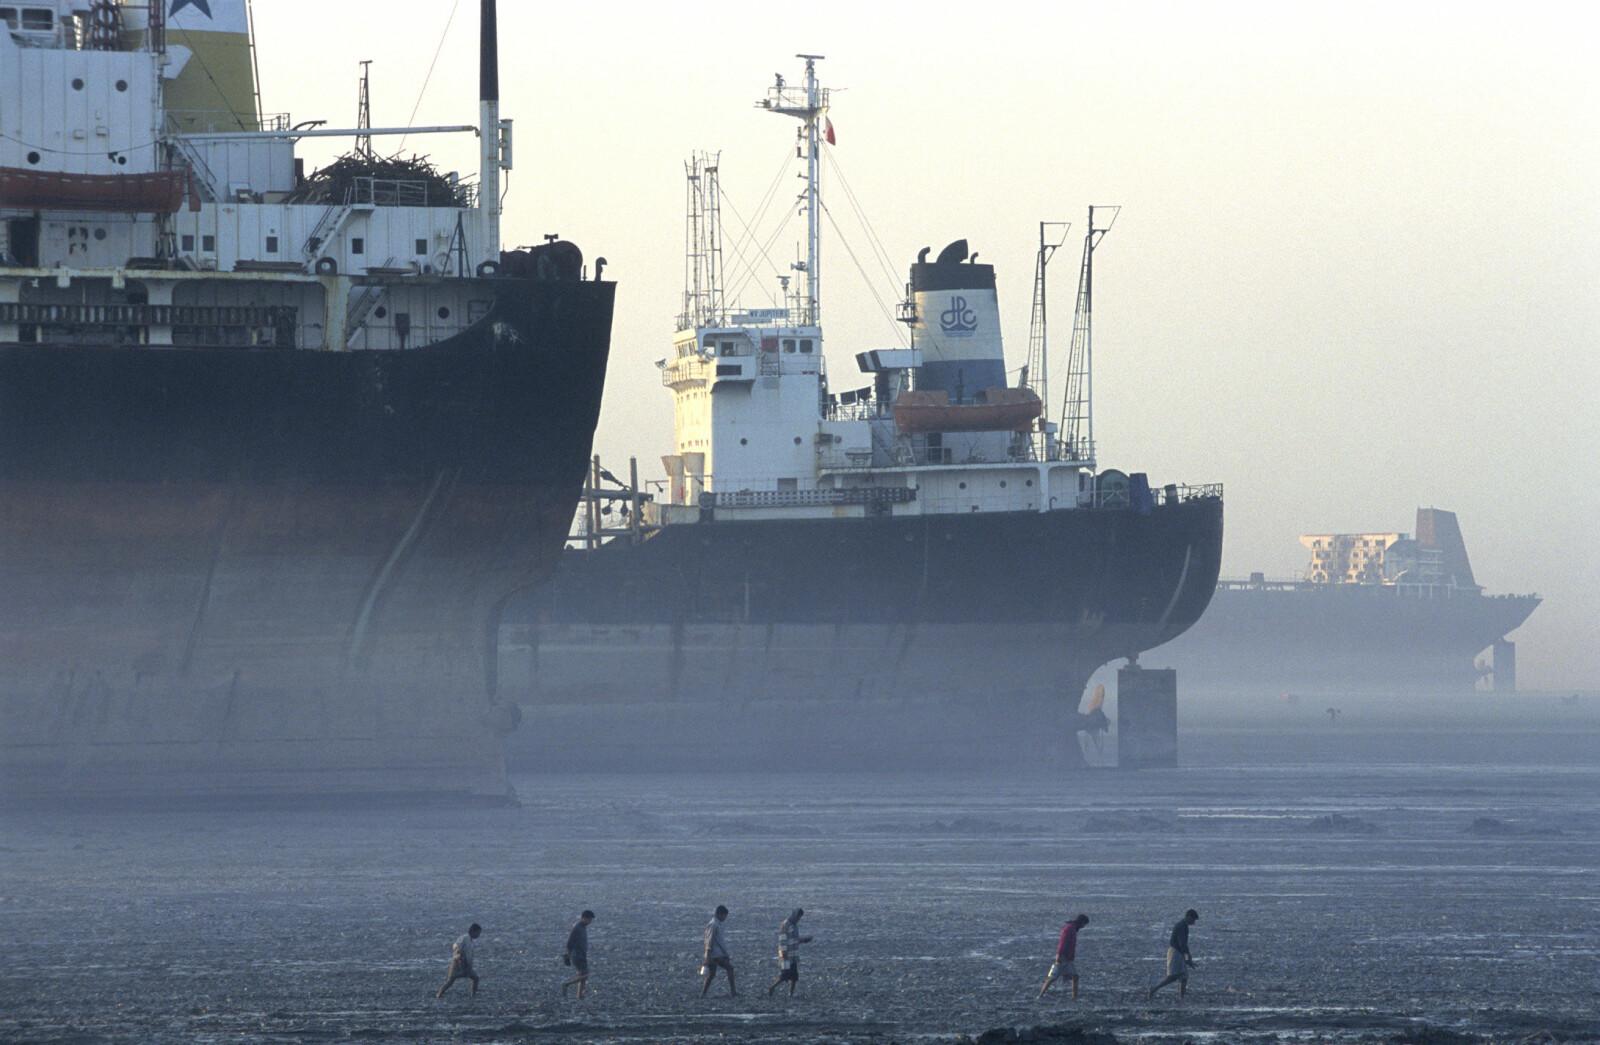 <b>TIL JOBB:</b> Det som gjorde størst inntrykk på meg da jeg besøkte skipsknuserne i Bangladesh, var arbeidere uten verken sko, hjelm eller noen som helst form for verneutstyr. Her er en arbeidsgjeng på vei ut til et av skipene om morgenen.